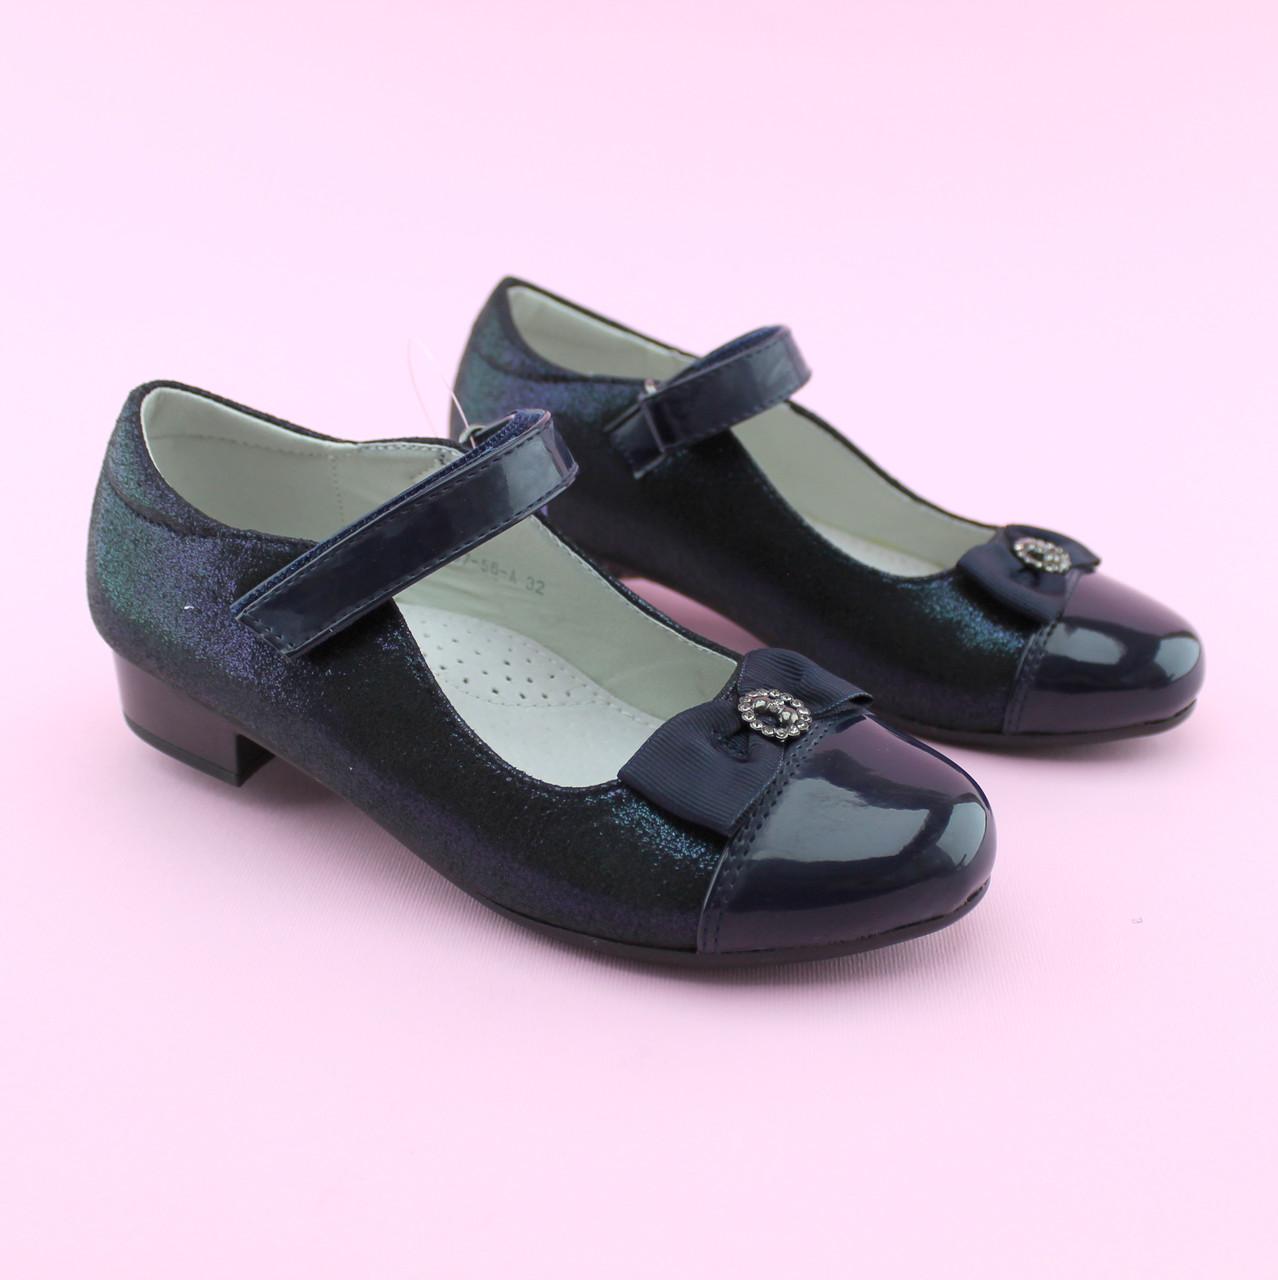 Туфли для девочки Синие с каблучком тм Том.М размер 33,35,37, фото 1